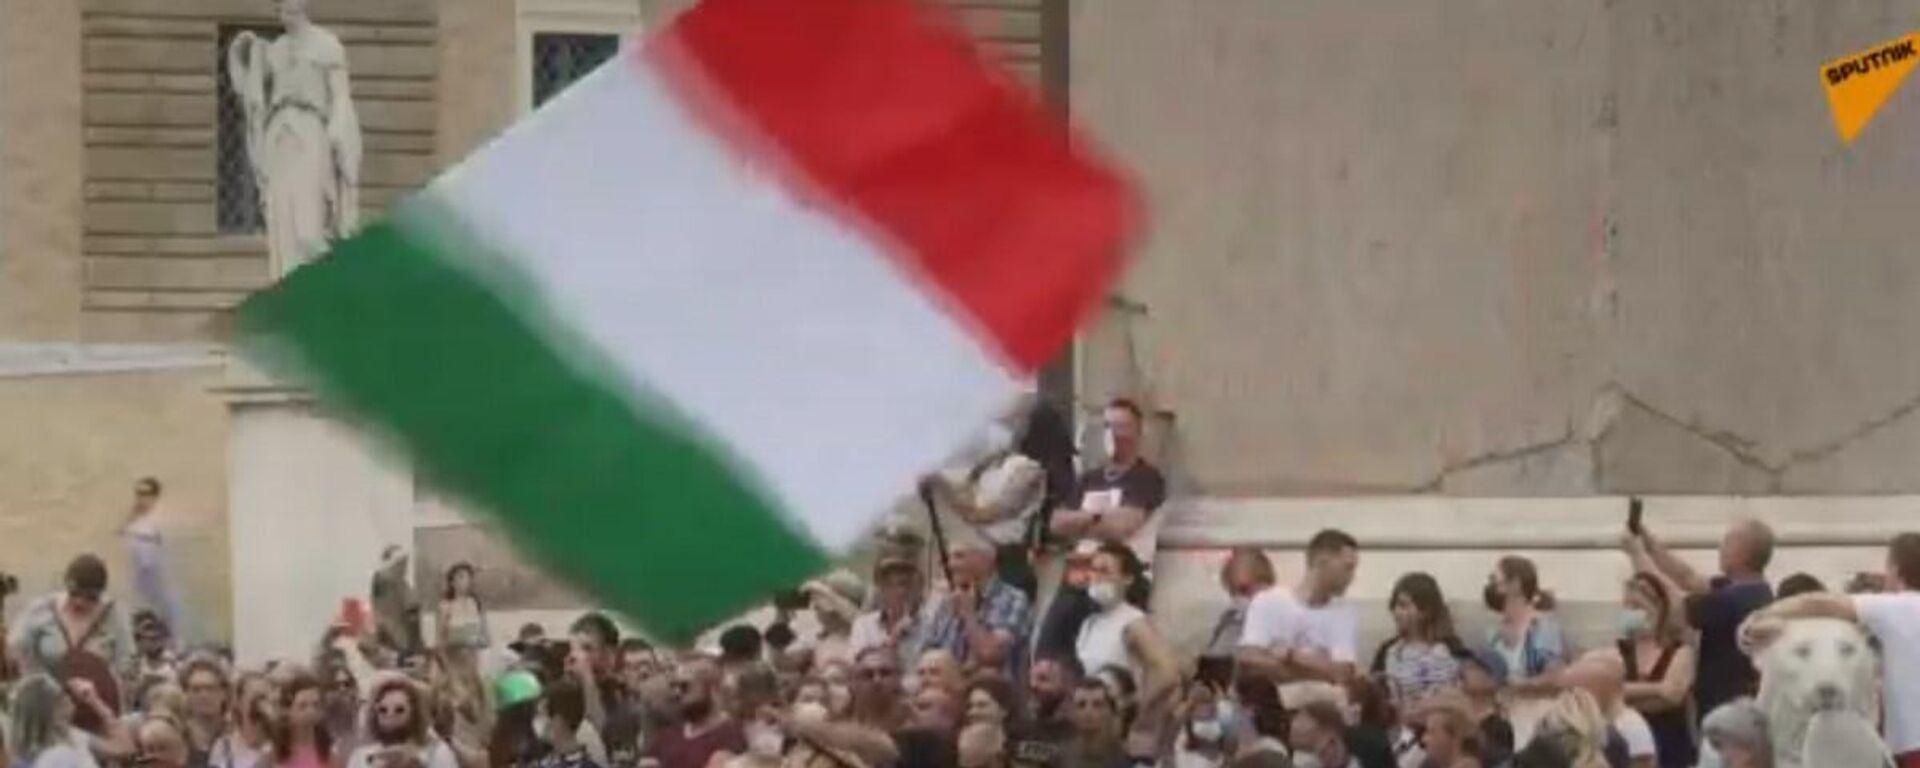 I manifestanti si riuniscono a Roma per esprimere la loro opposizione all'uso del Green Pass  - Sputnik Italia, 1920, 24.07.2021